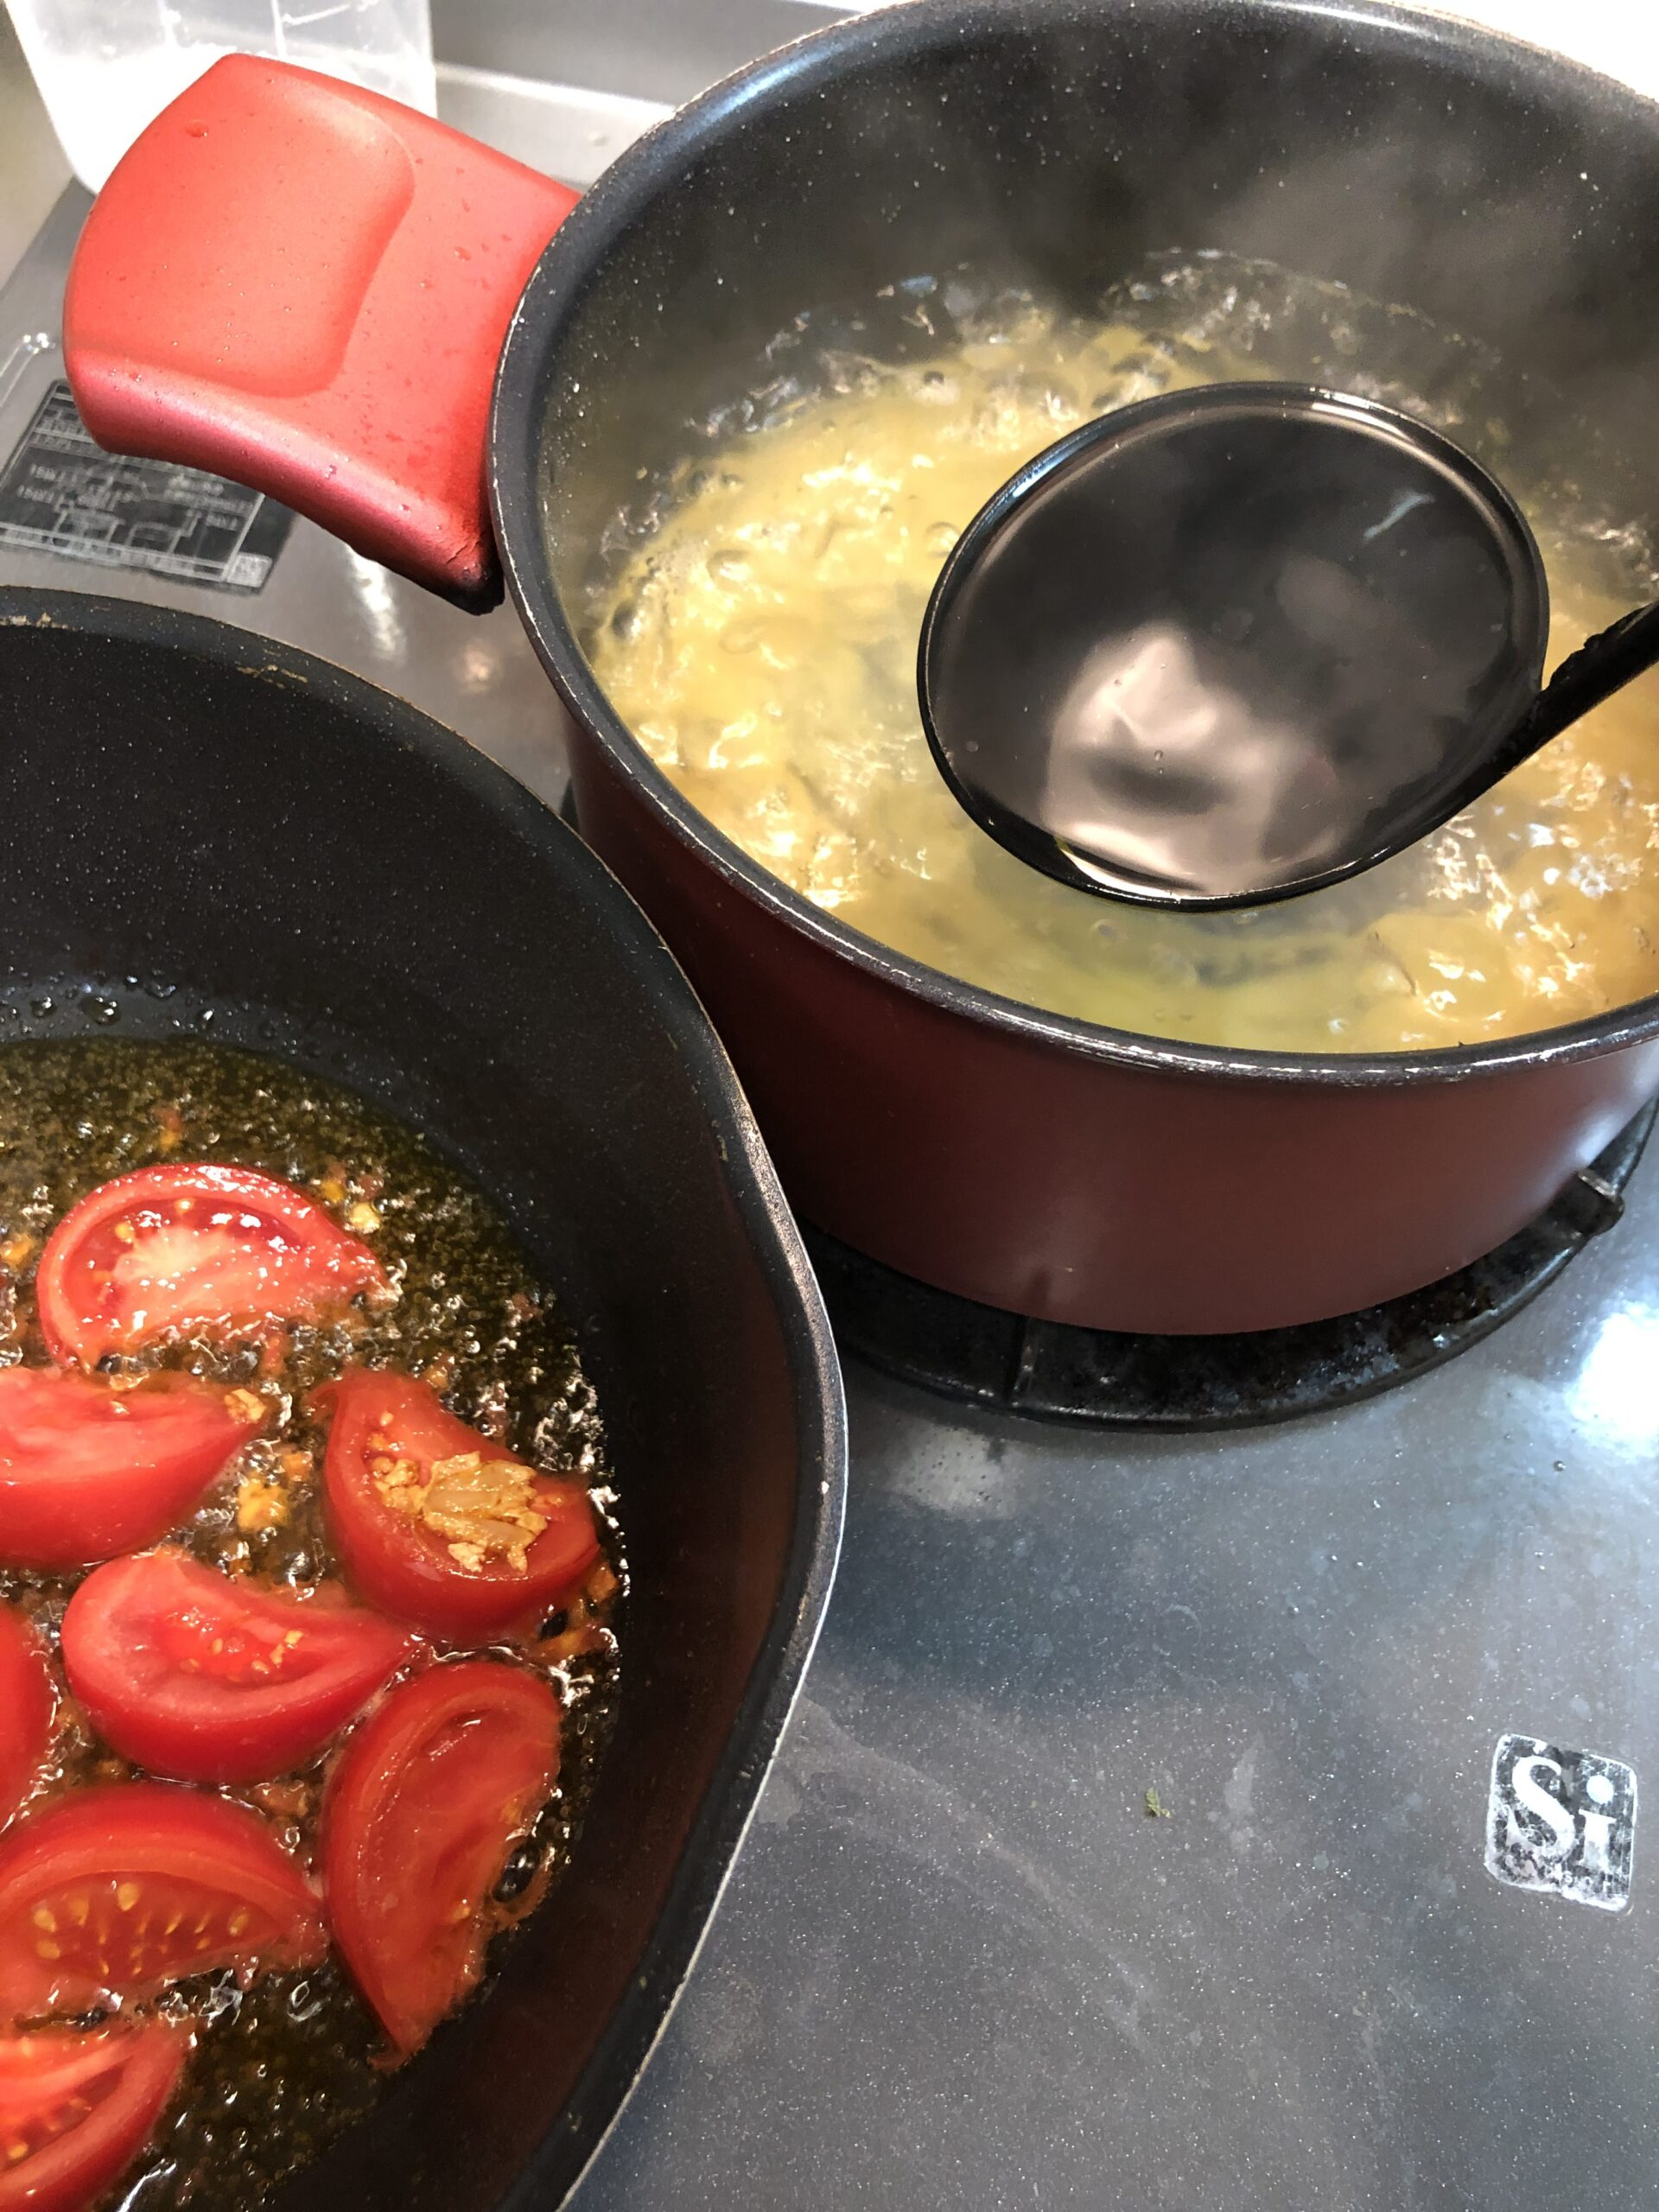 パスタの茹で汁をトマトを炒めているフライパンに入れようとしている画像です